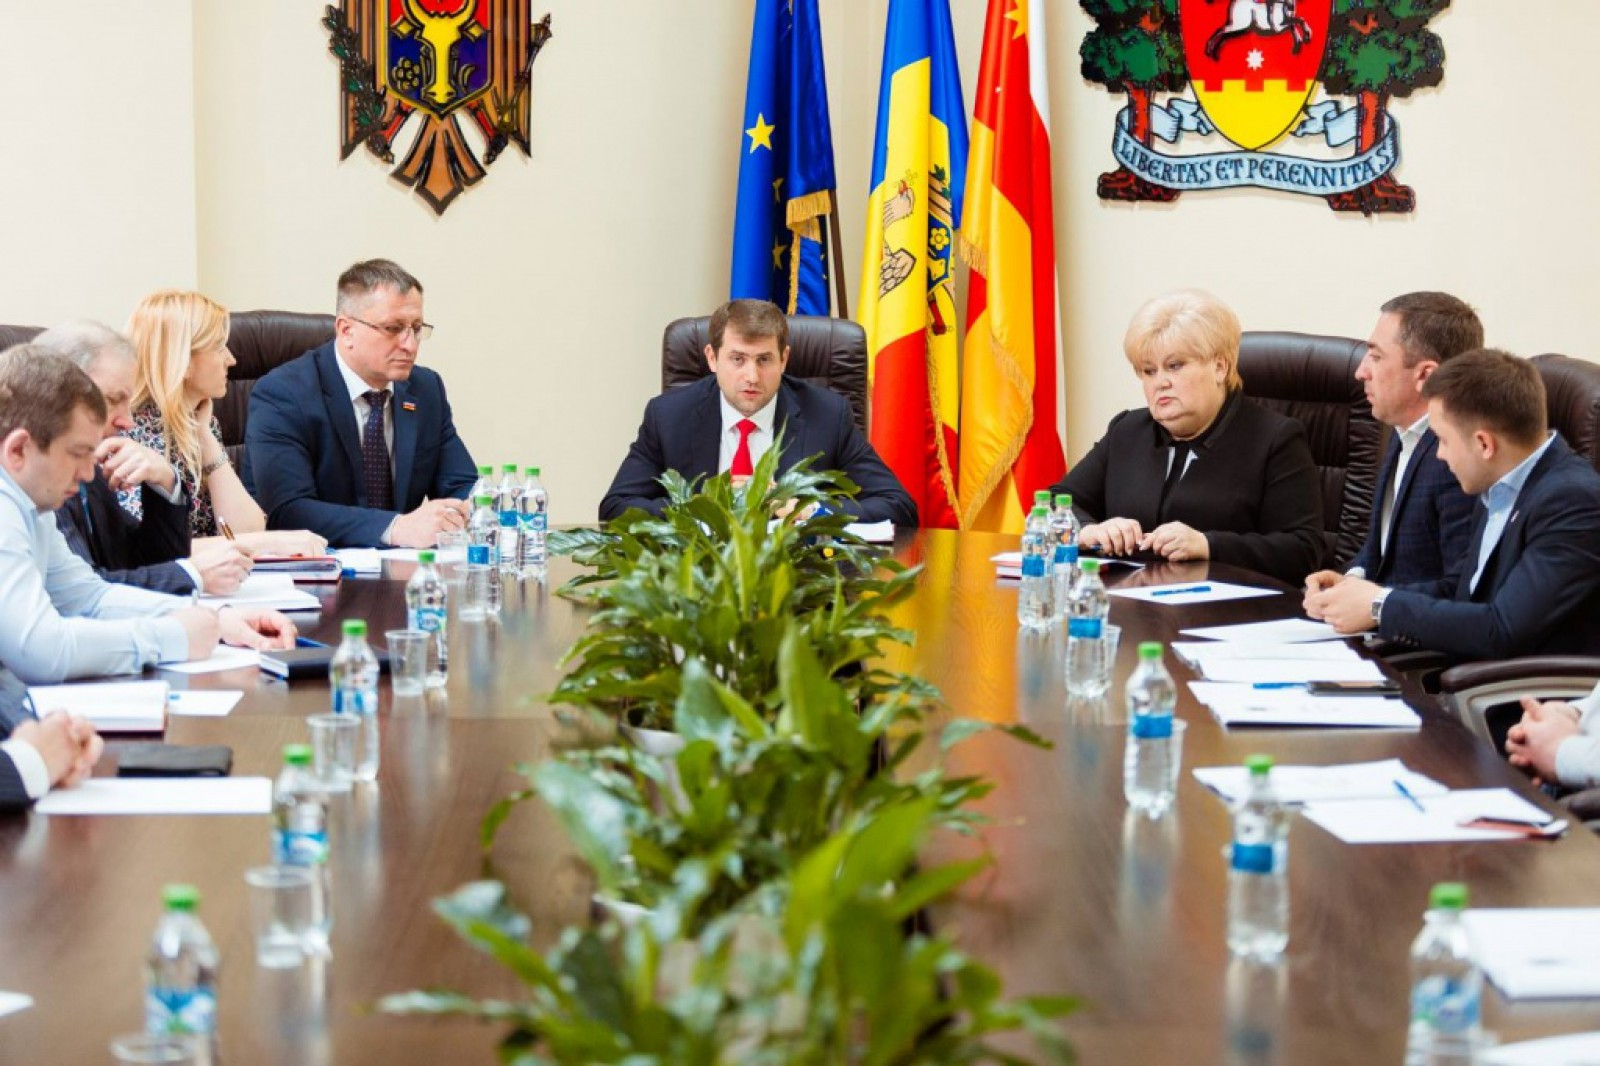 Primarul de Orhei, Ilan Șor, a dezvăluit planurile de dezvoltare a Orheiului în anul curent 2018